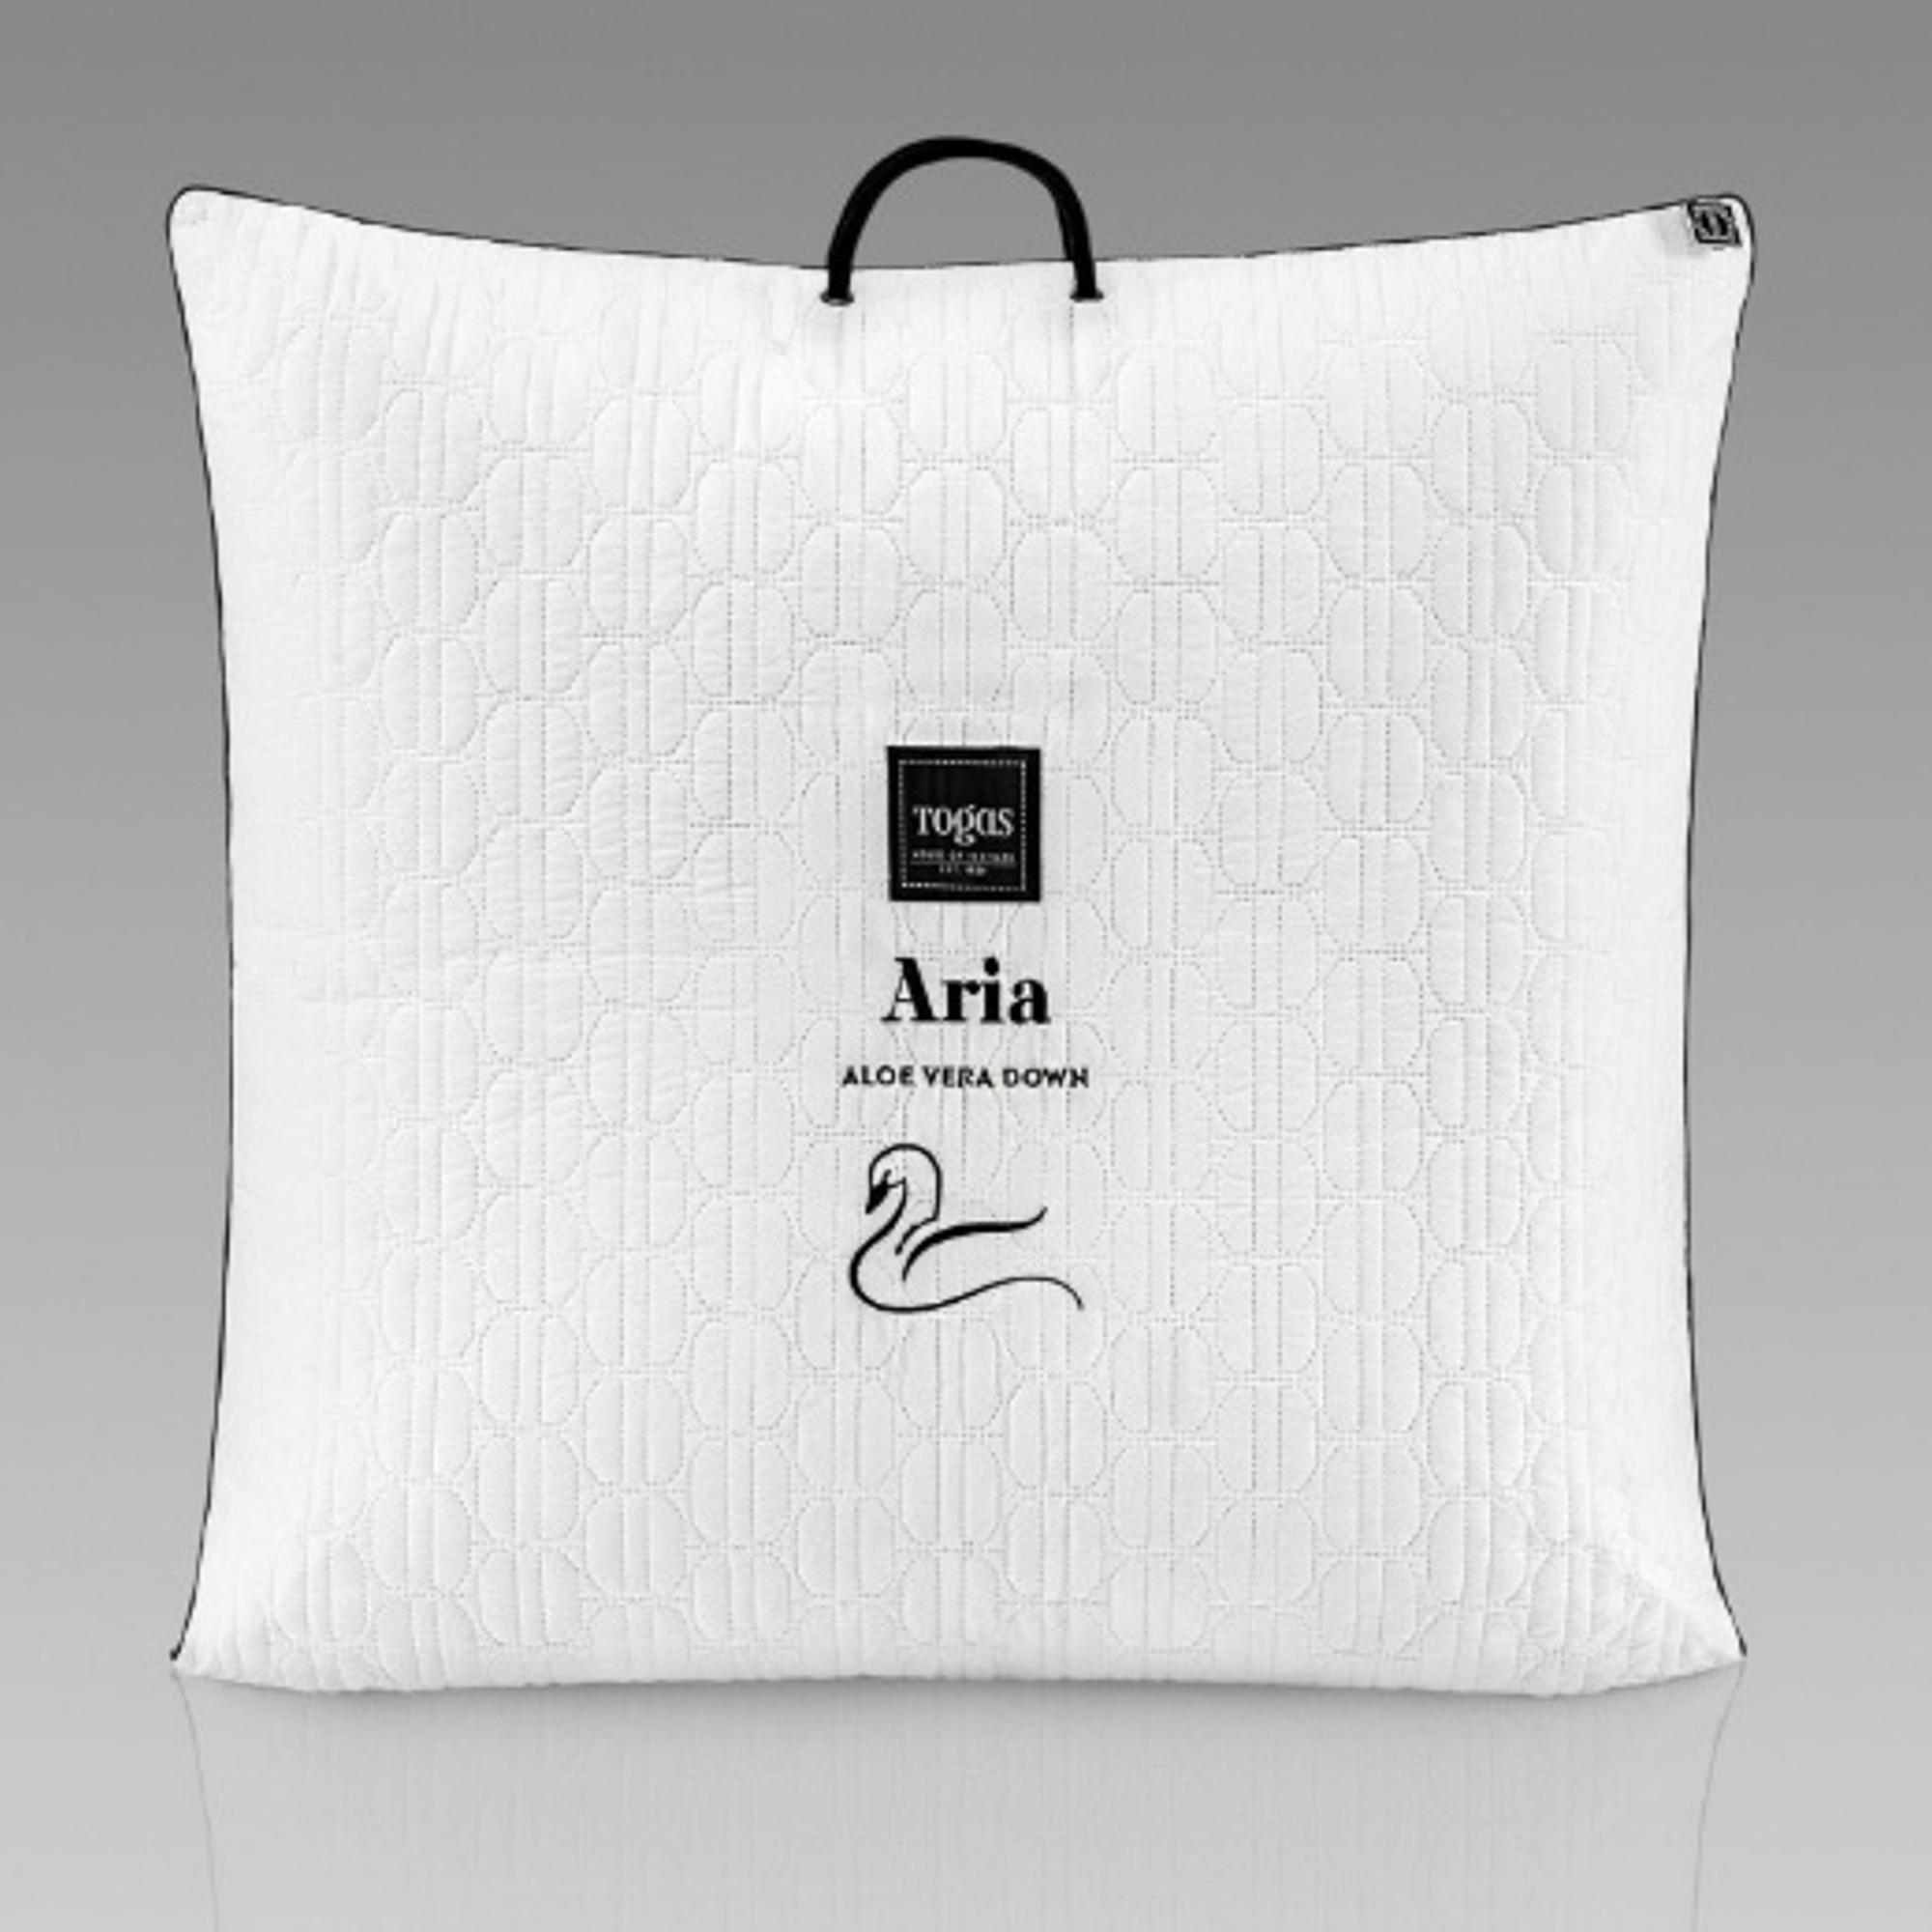 Купить Подушка 70х70 Togas Ария, подушка, Россия, 100% микрофибра с пропиткой алоэ вера